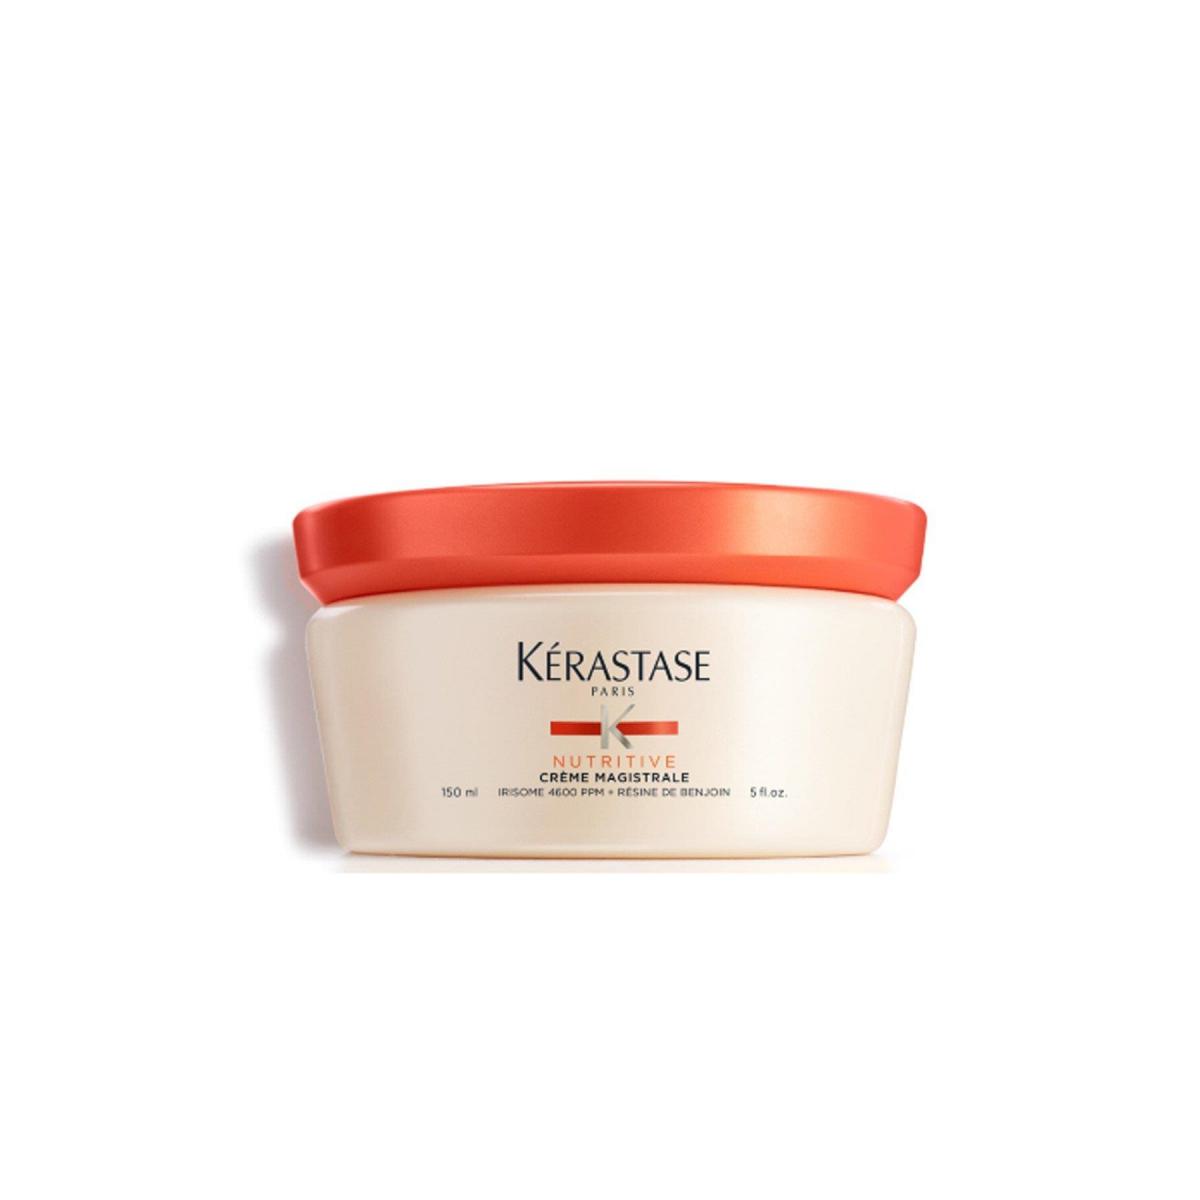 Kerastase Nutritive Creme Magistrale Durulanmayan Saç Kremi 150ml